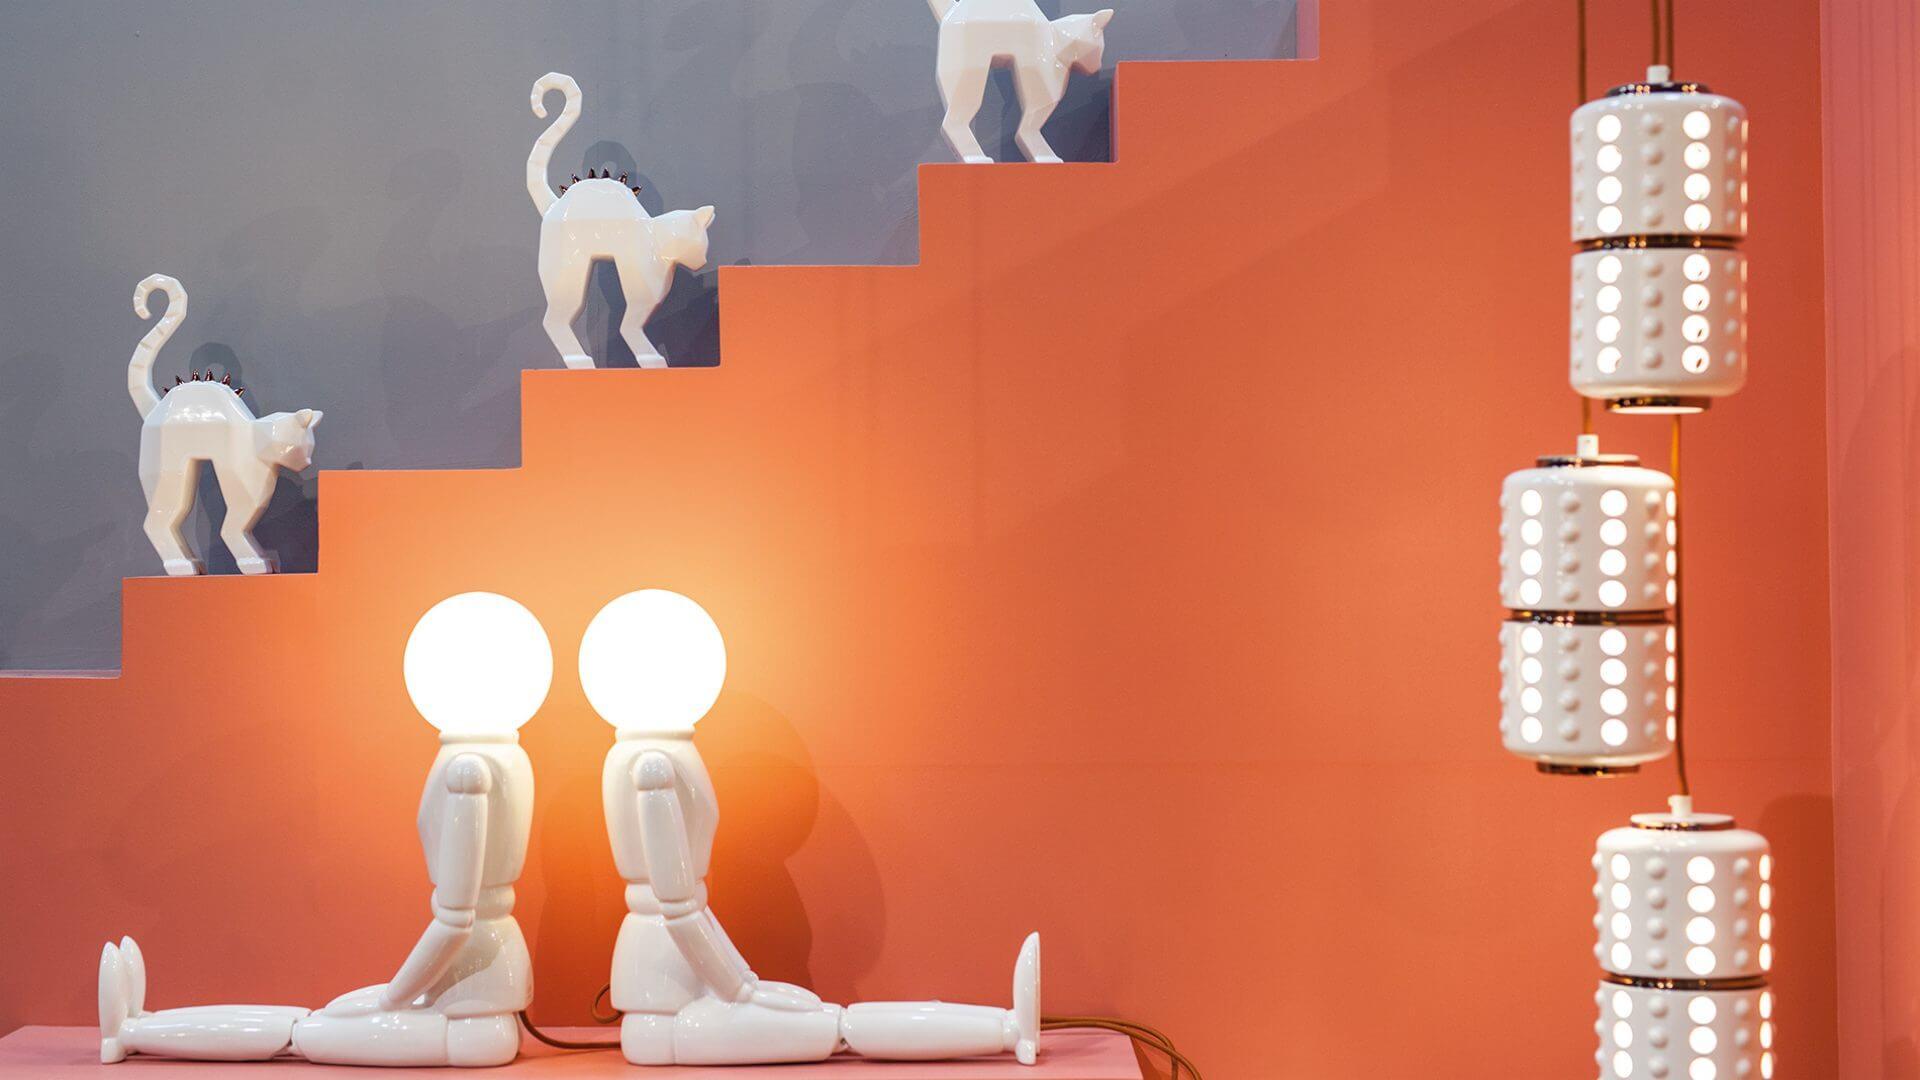 выставка интерьеров Ambiente 2018